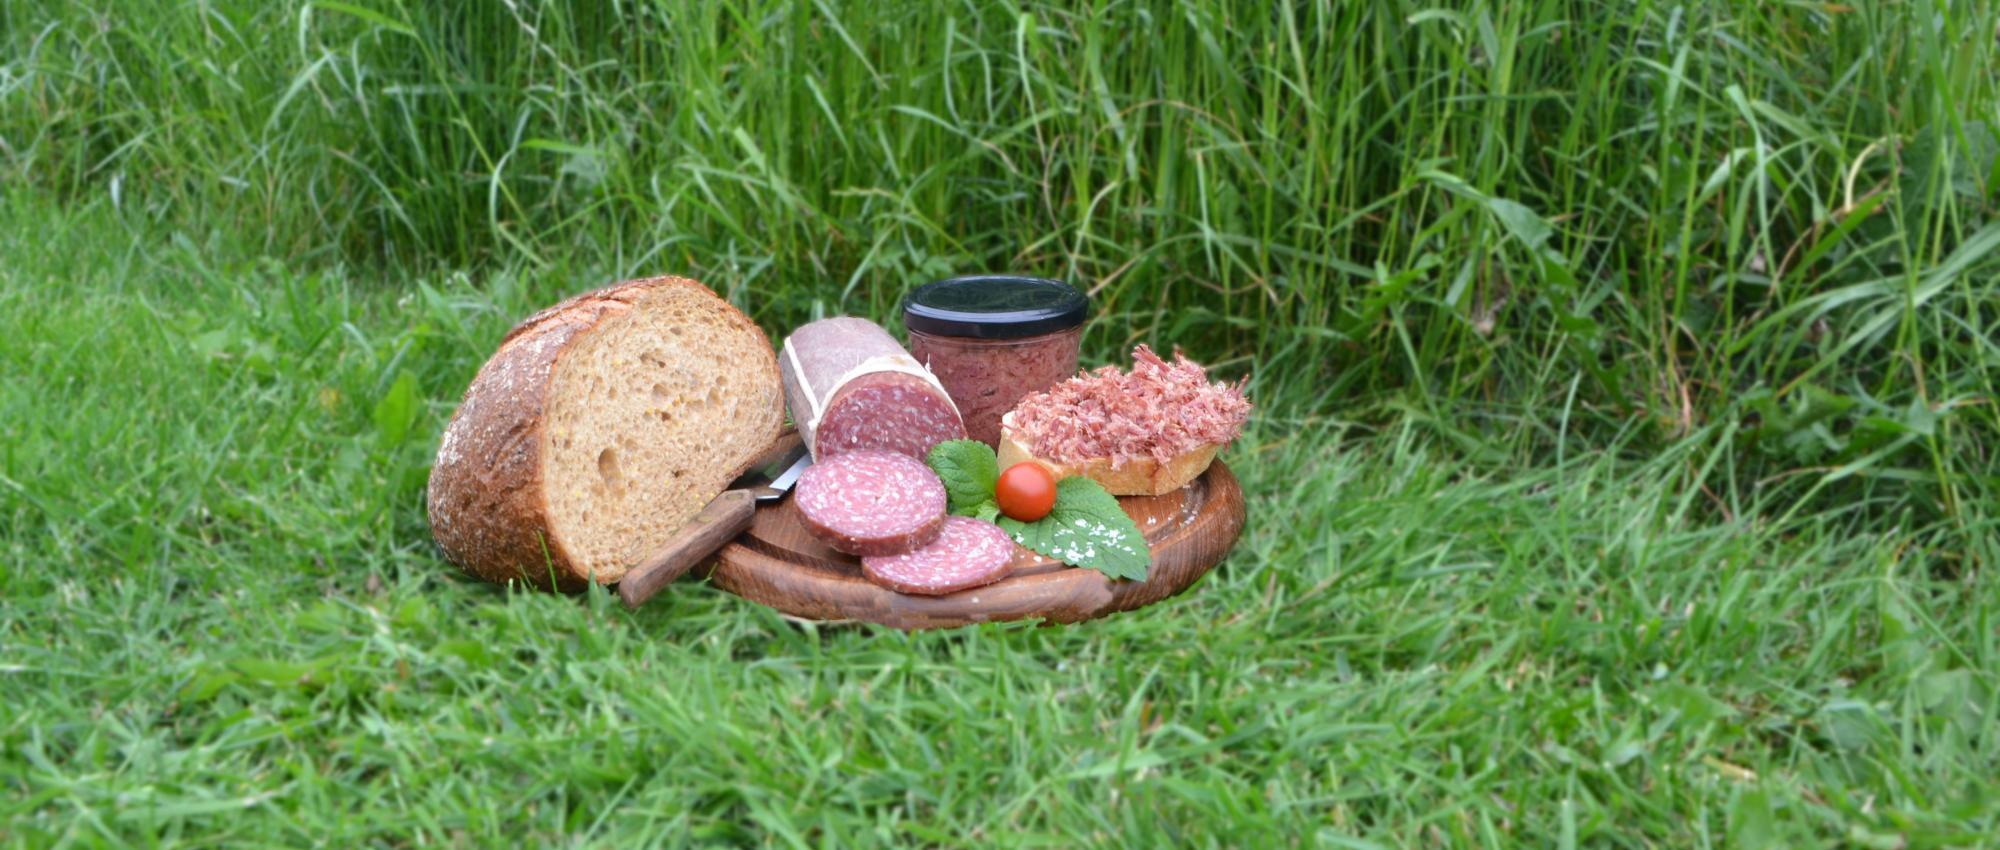 Salami und Corned Beef